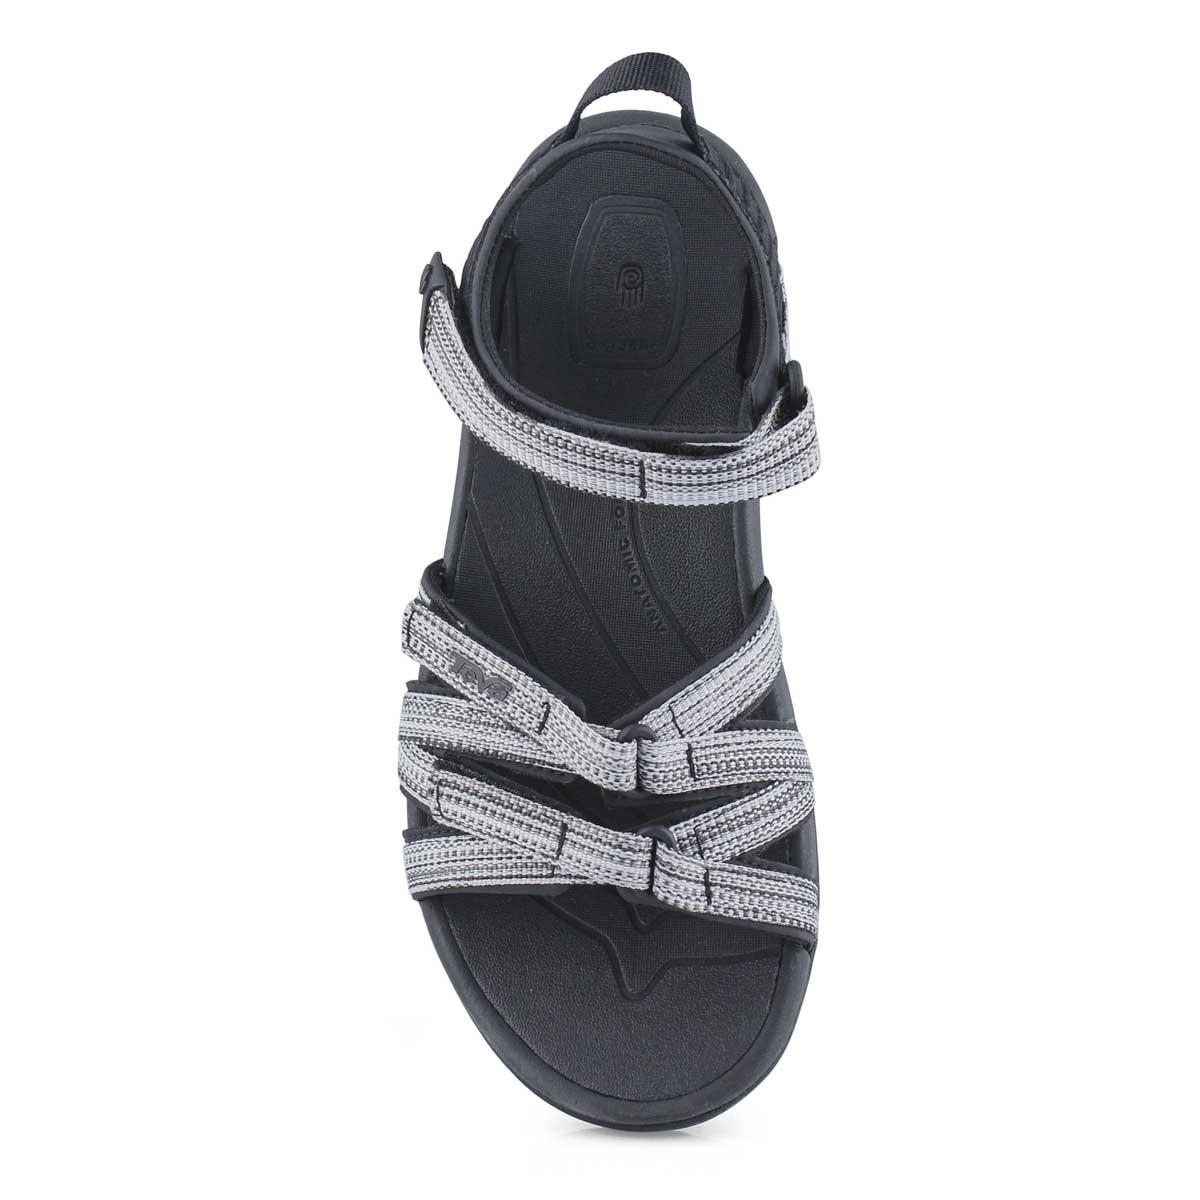 Women's Tirra Sport Sandal - Black/White